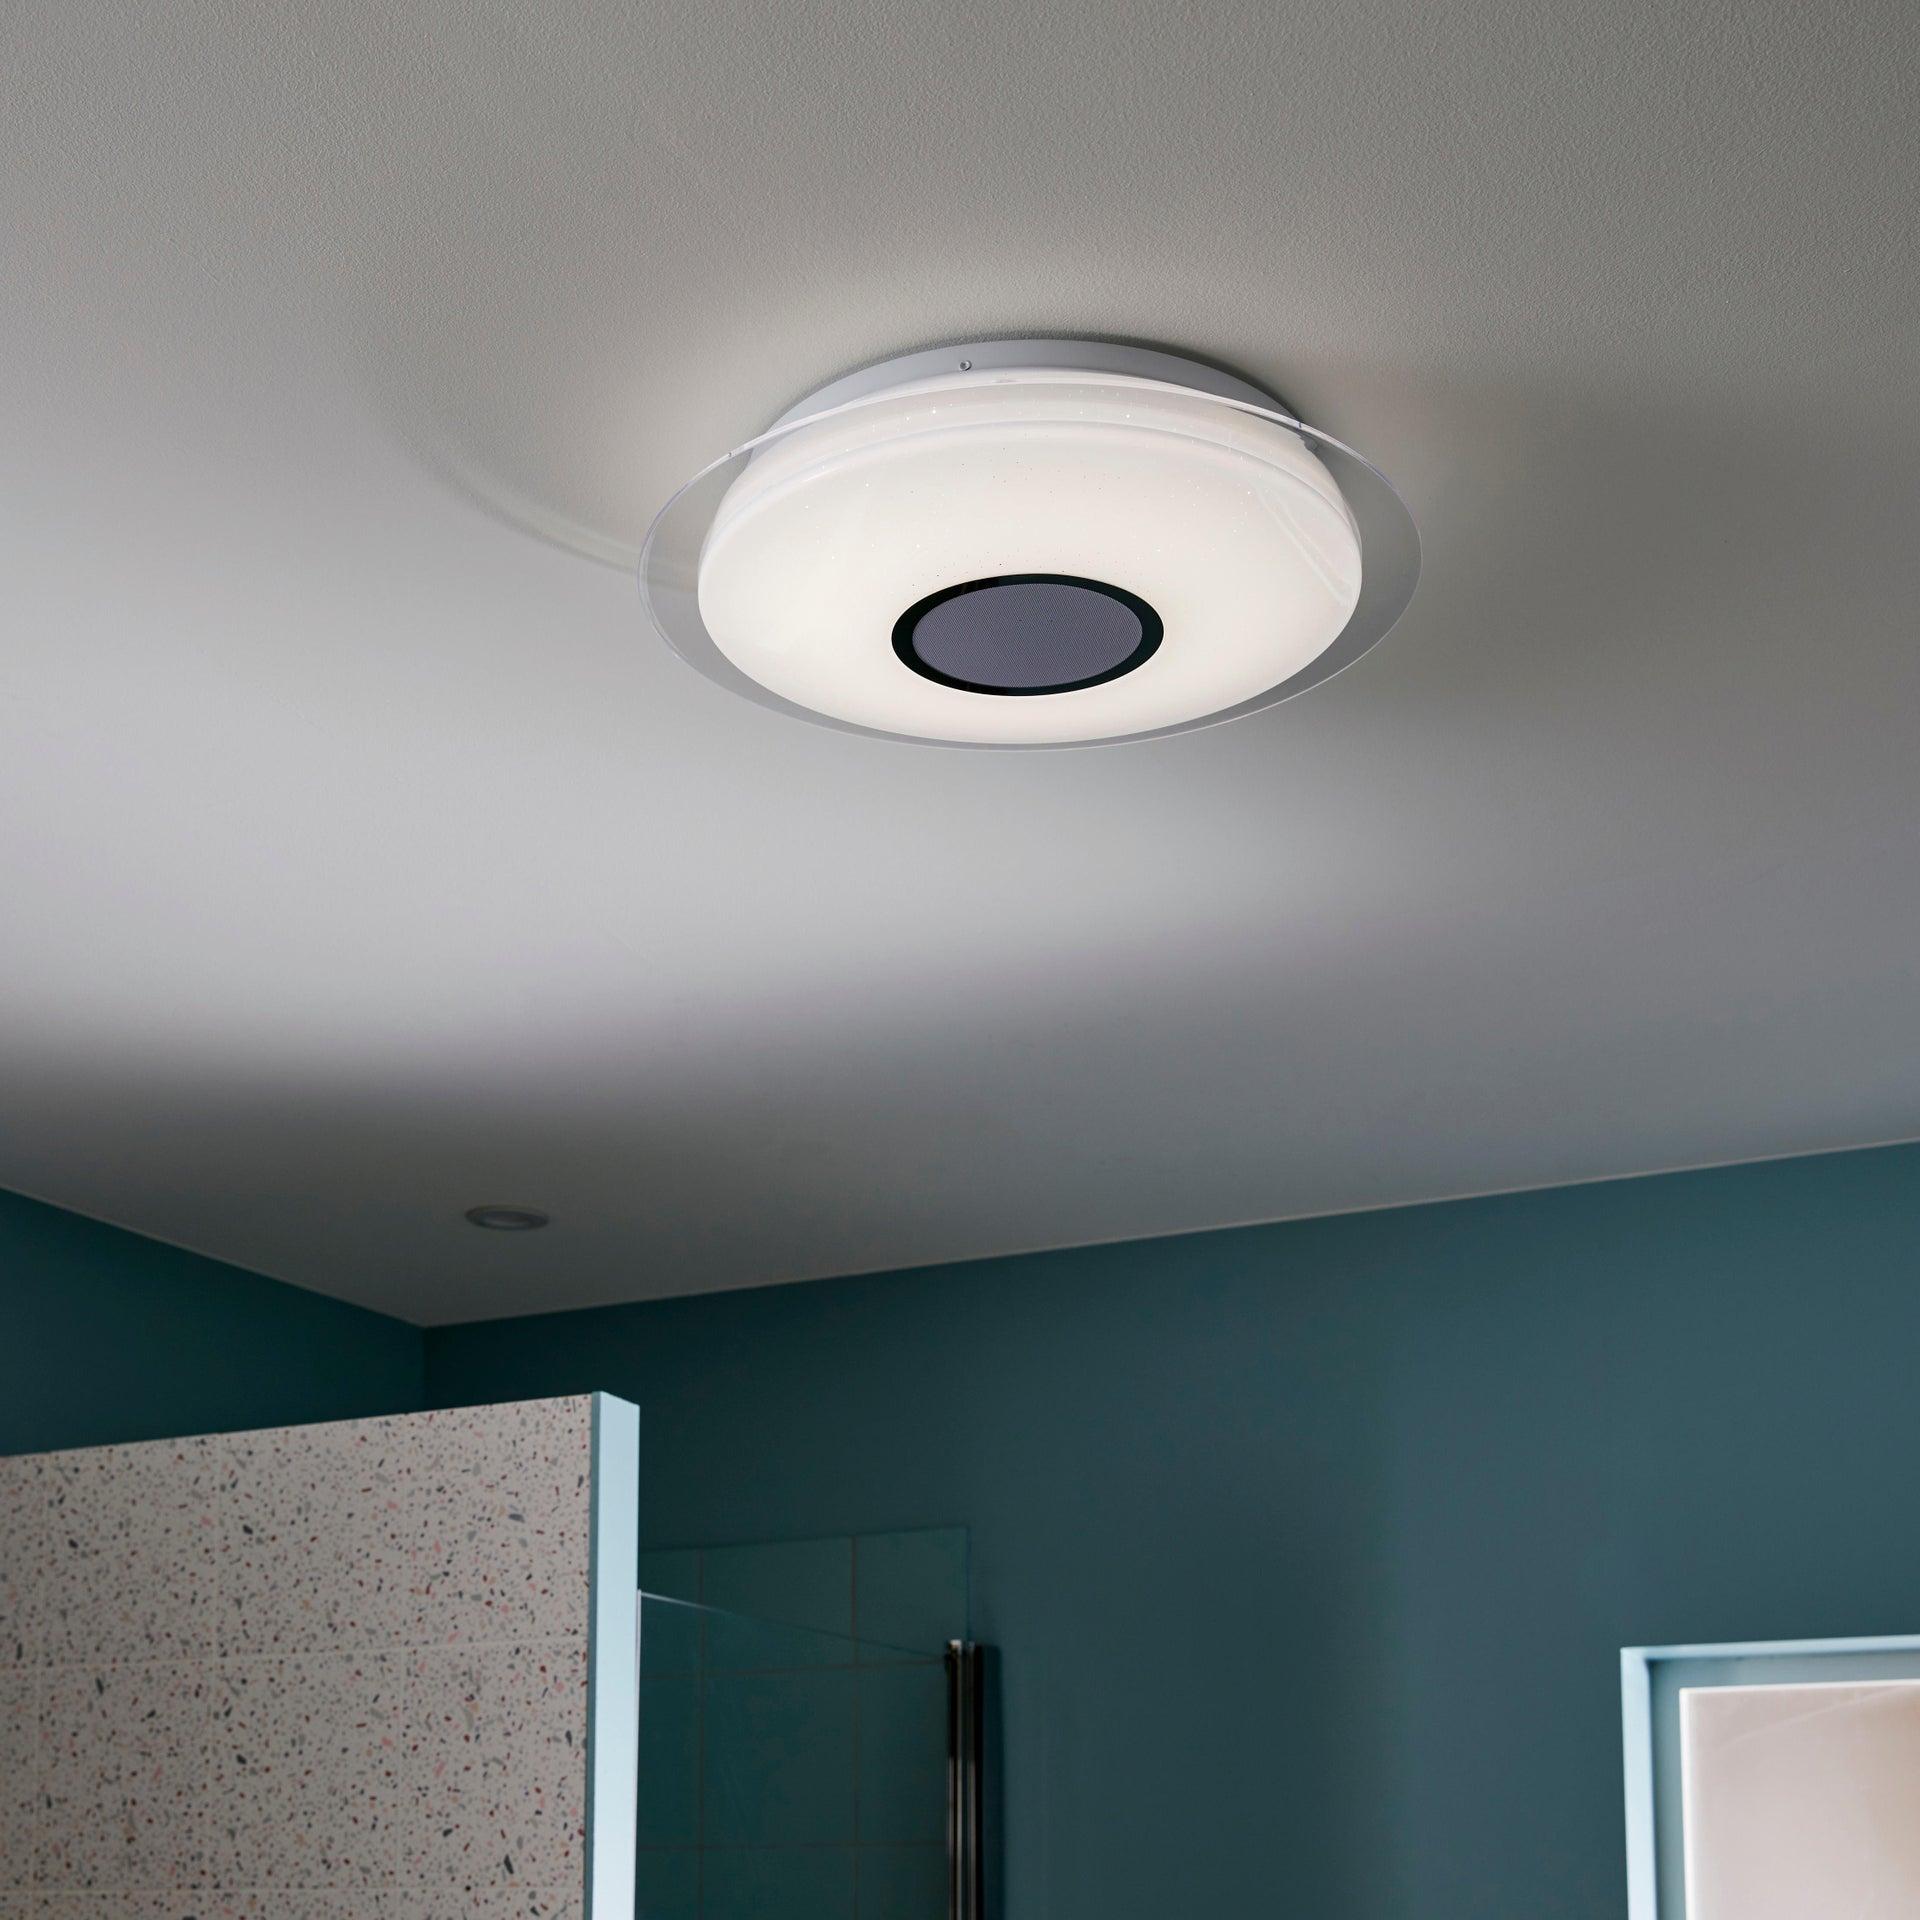 Plafoniera moderno Vizzini LED integrato bianco D. 40 cm 40x40 cm, INSPIRE - 1